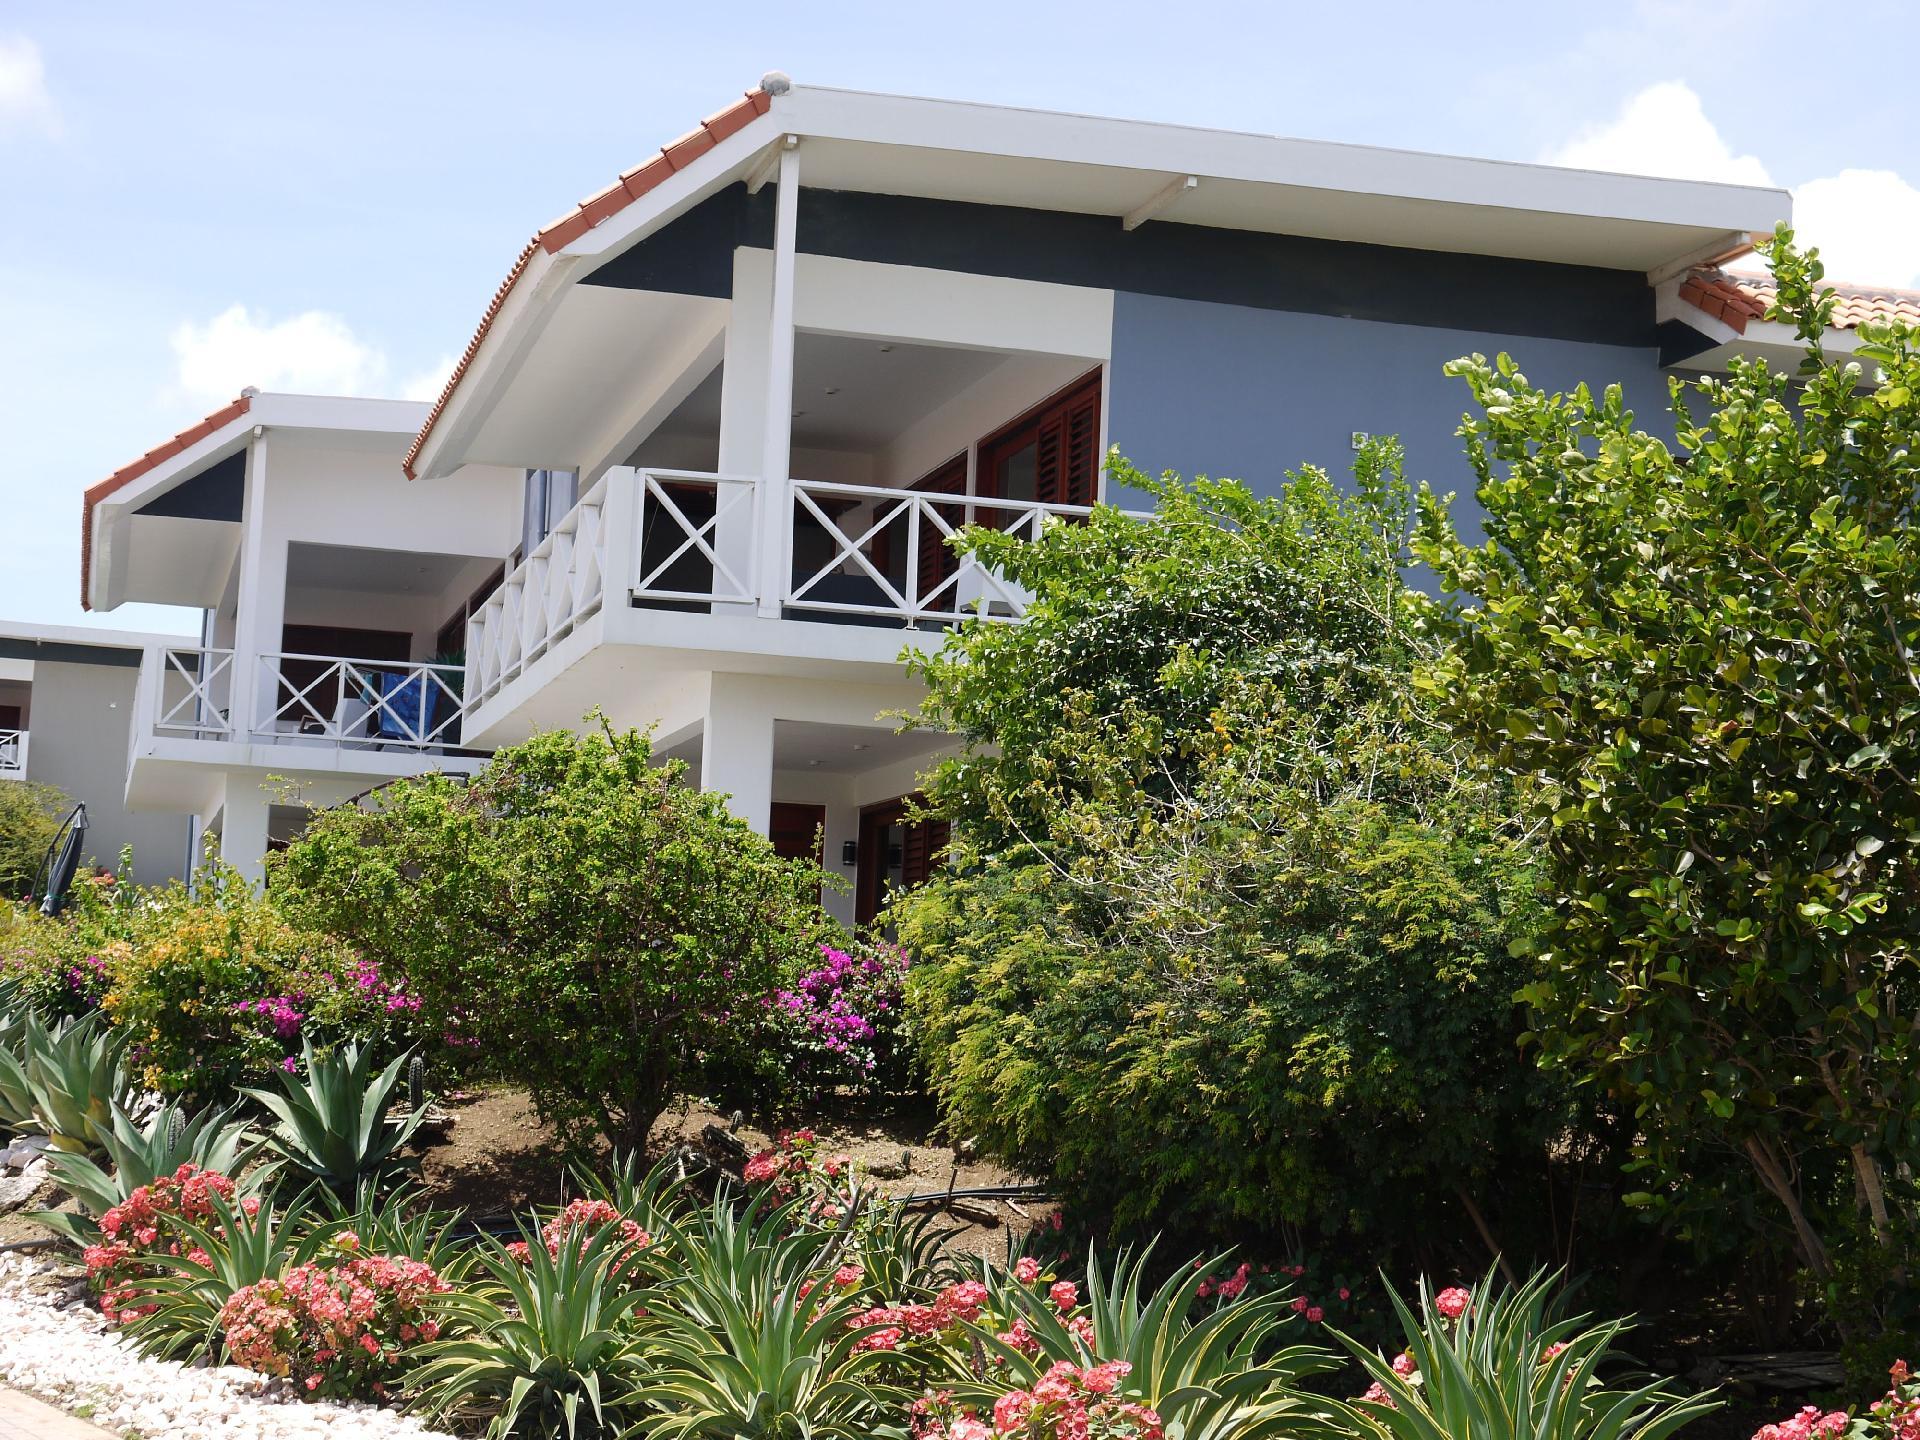 Ferienwohnung für 6 Personen ca. 140 m²   in Mittelamerika und Karibik